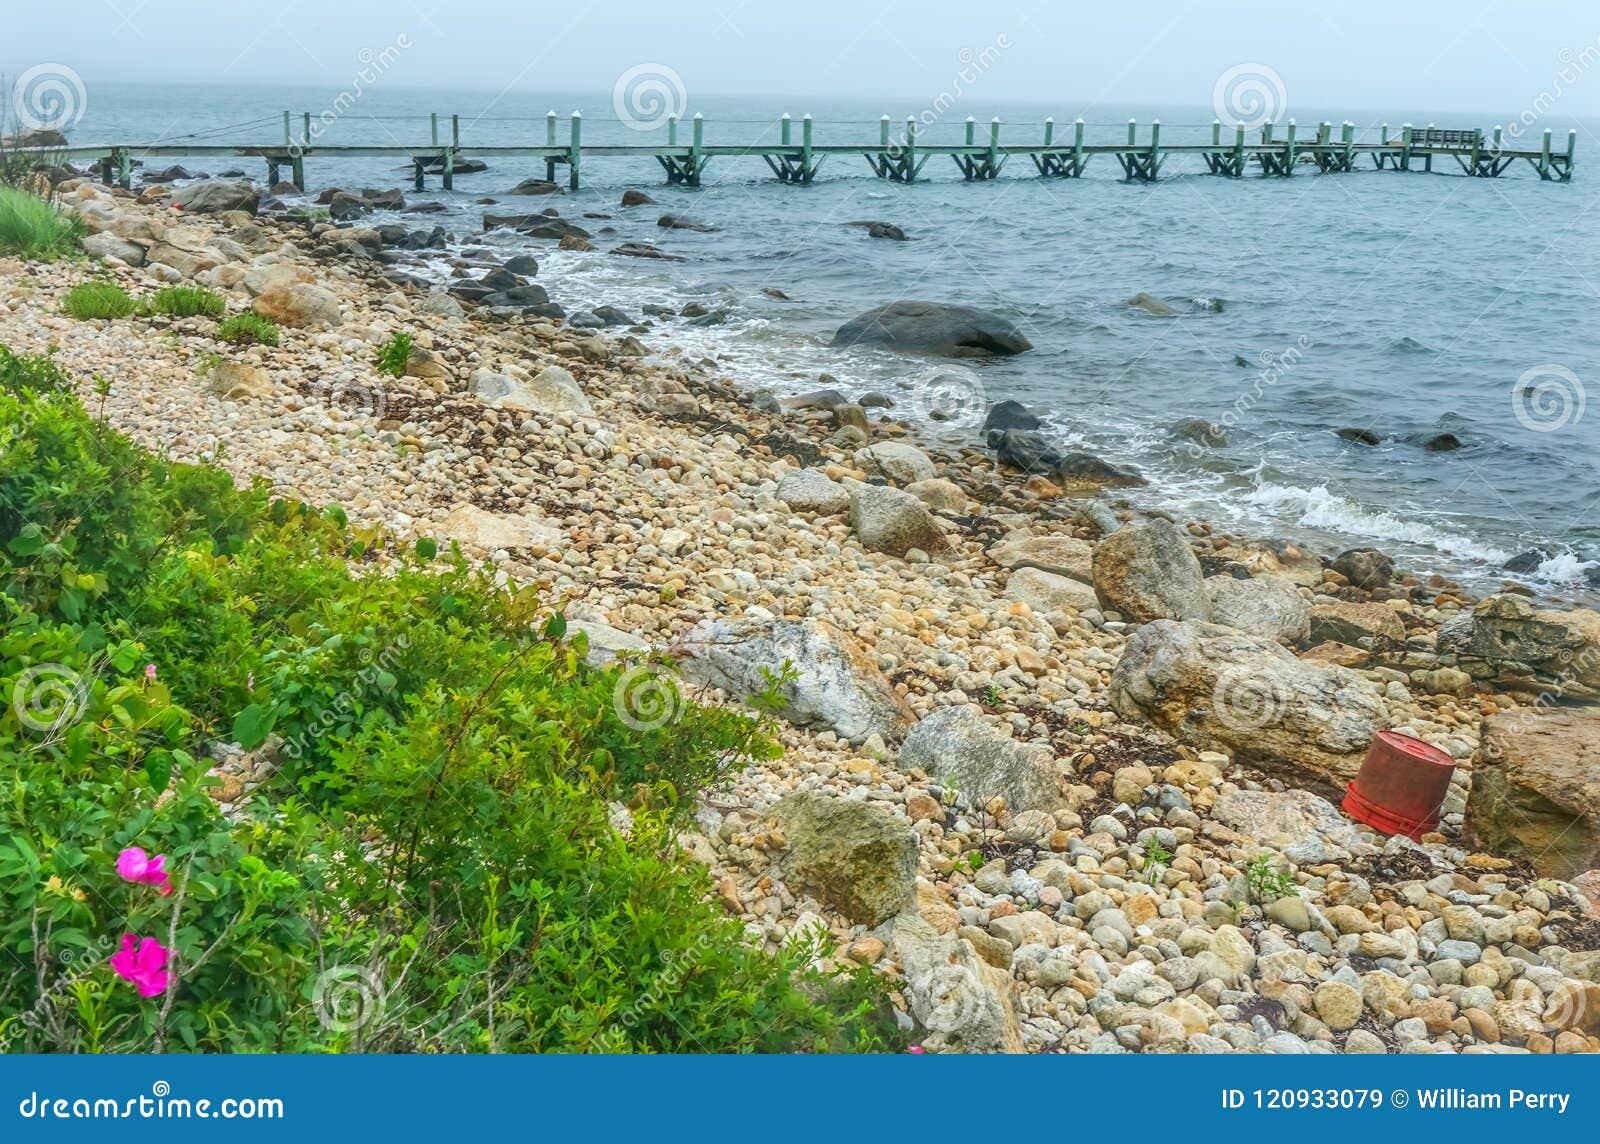 Foggy Morning Stony Beach Pier Piink Roses Padnaram Dartmouth Ma